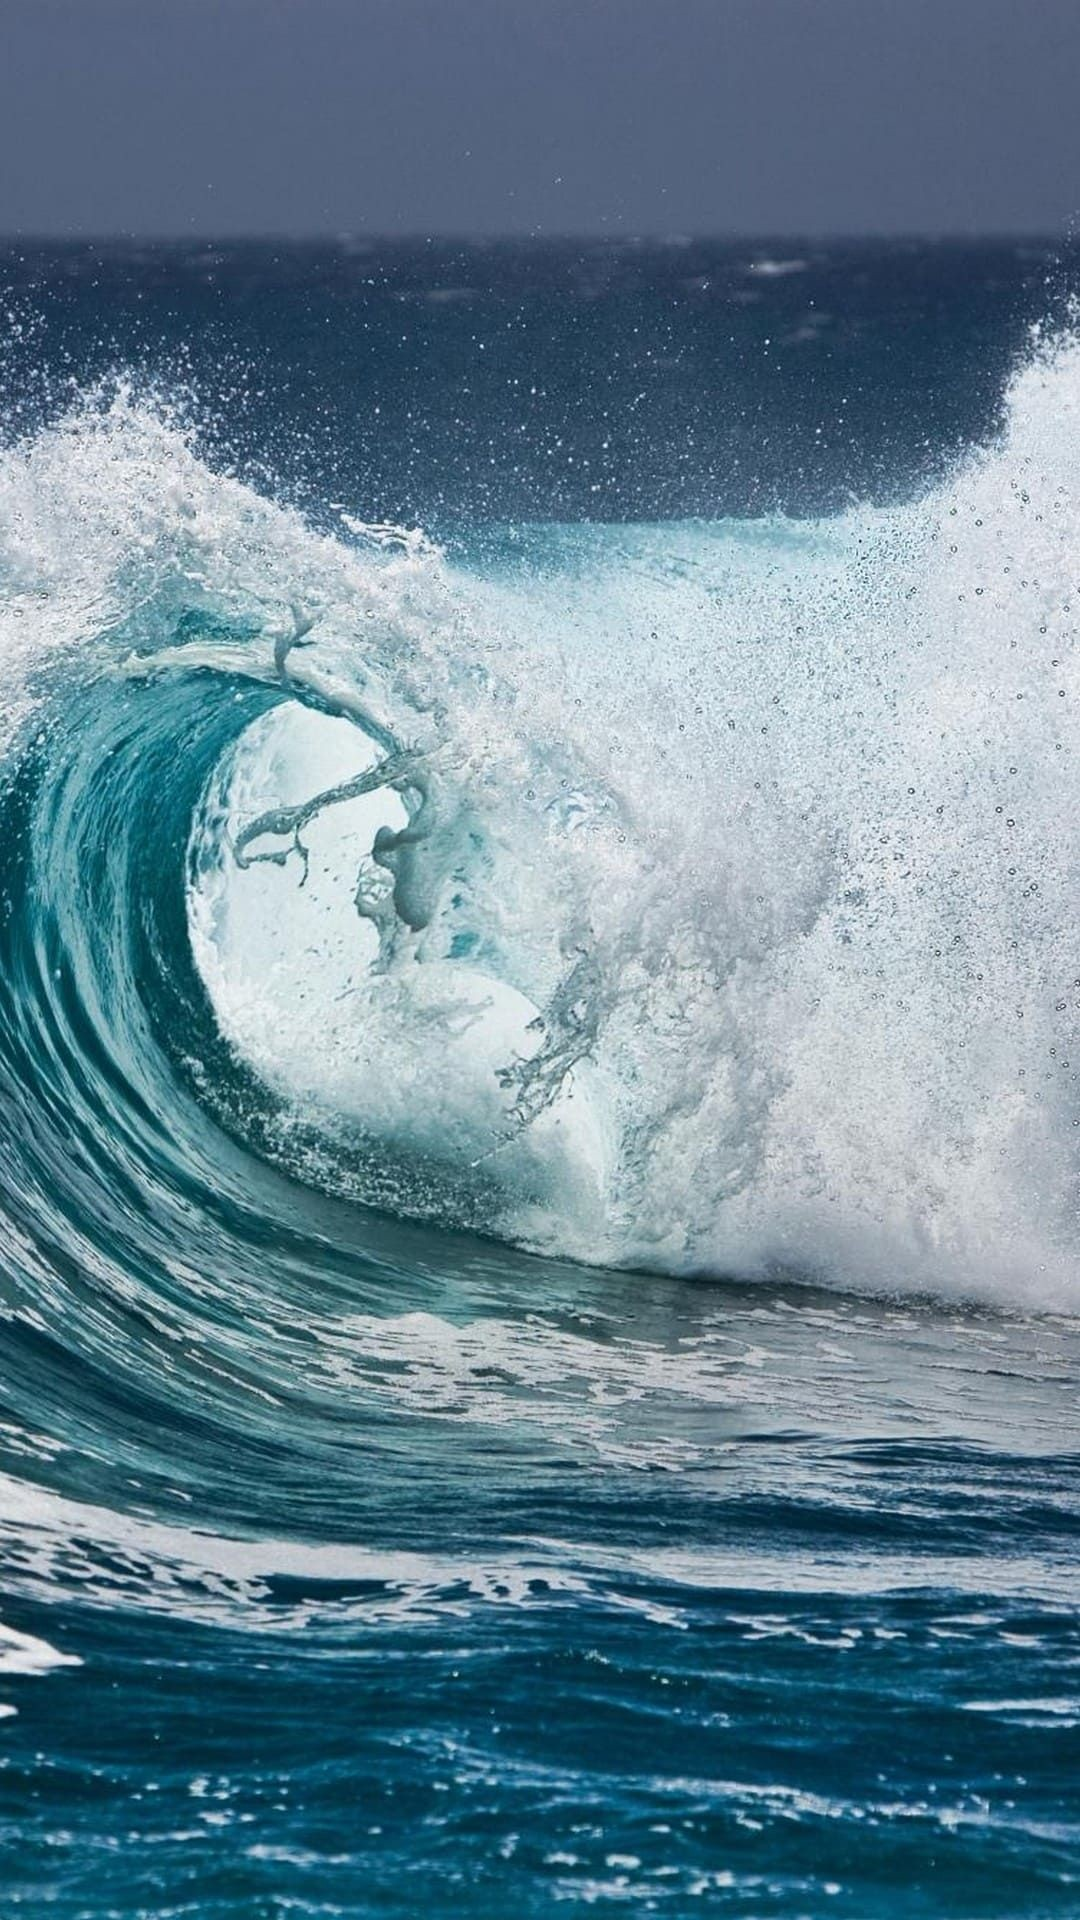 Ocean Waves phone wallpaper hd